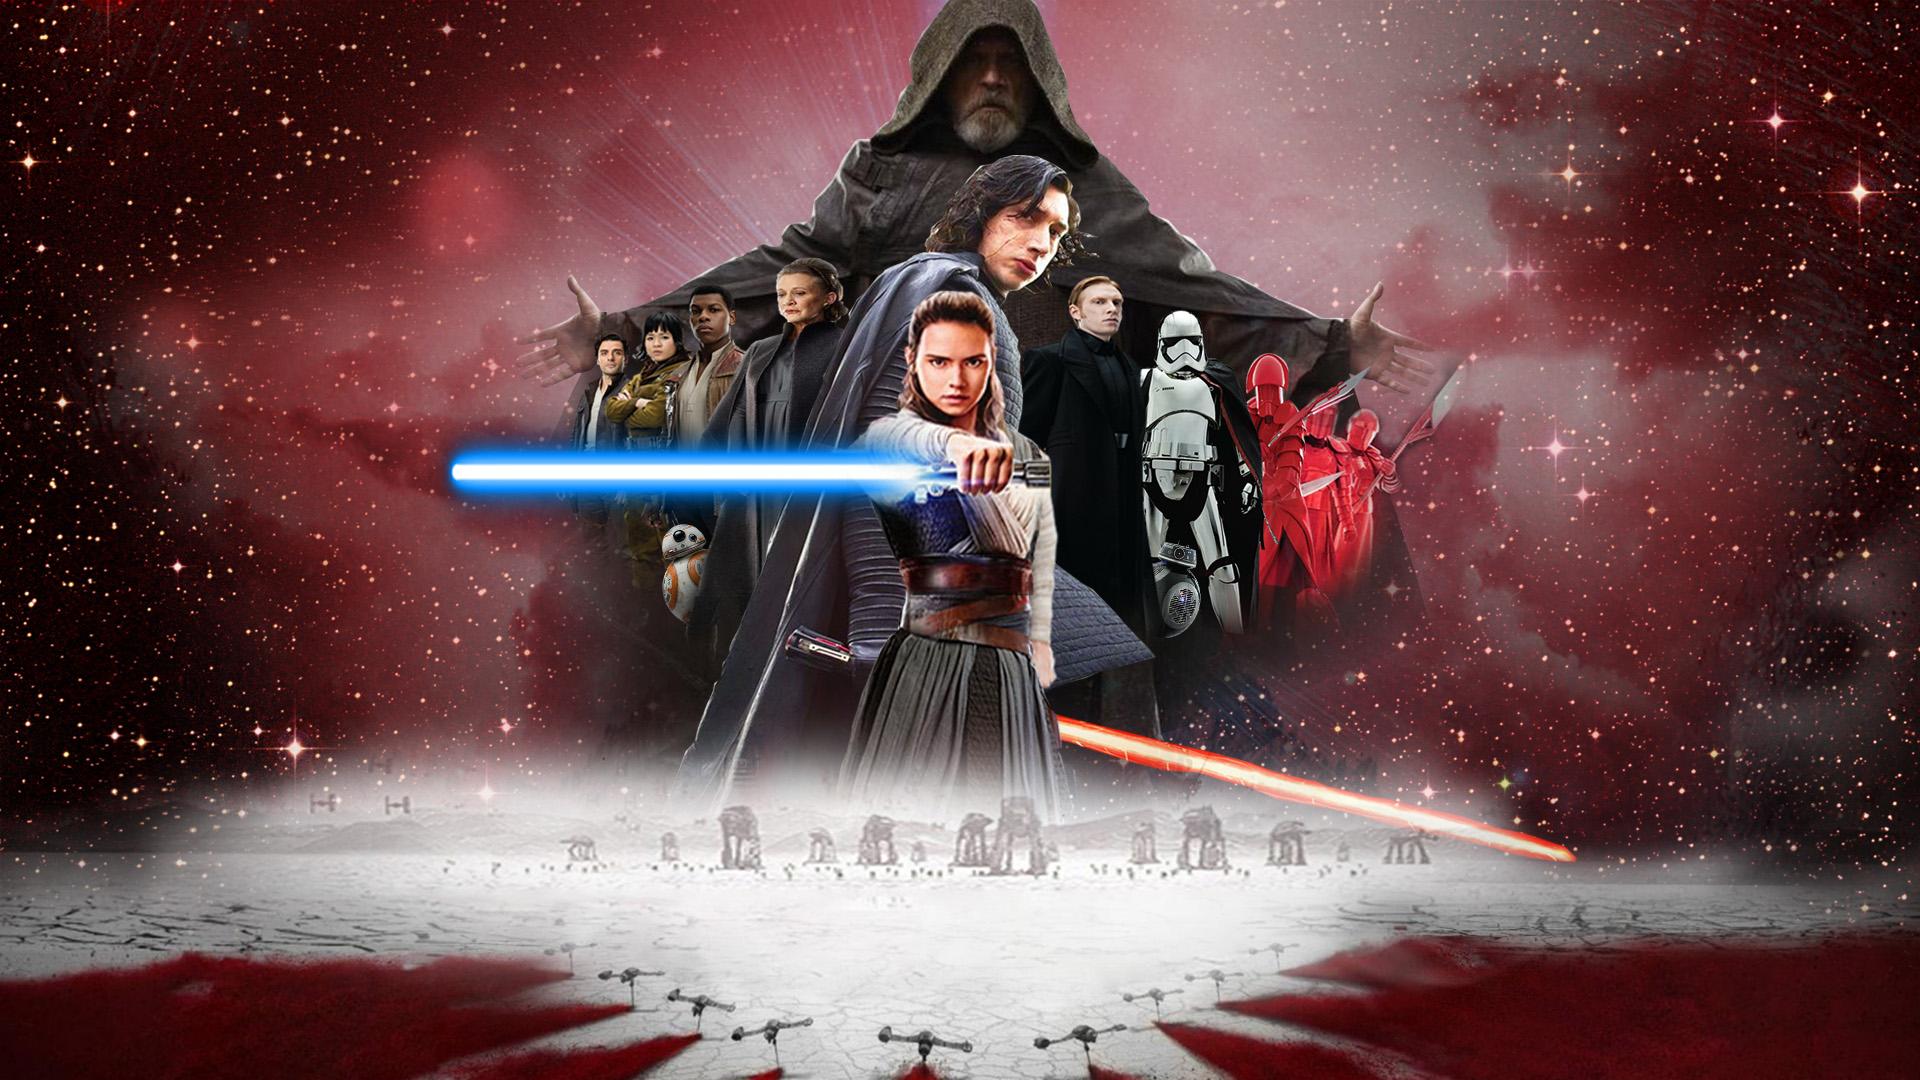 Star Wars Last Jedi Wallpaper: Star Wars: The Last Jedi Wallpaper By The-Dark-Mamba-995